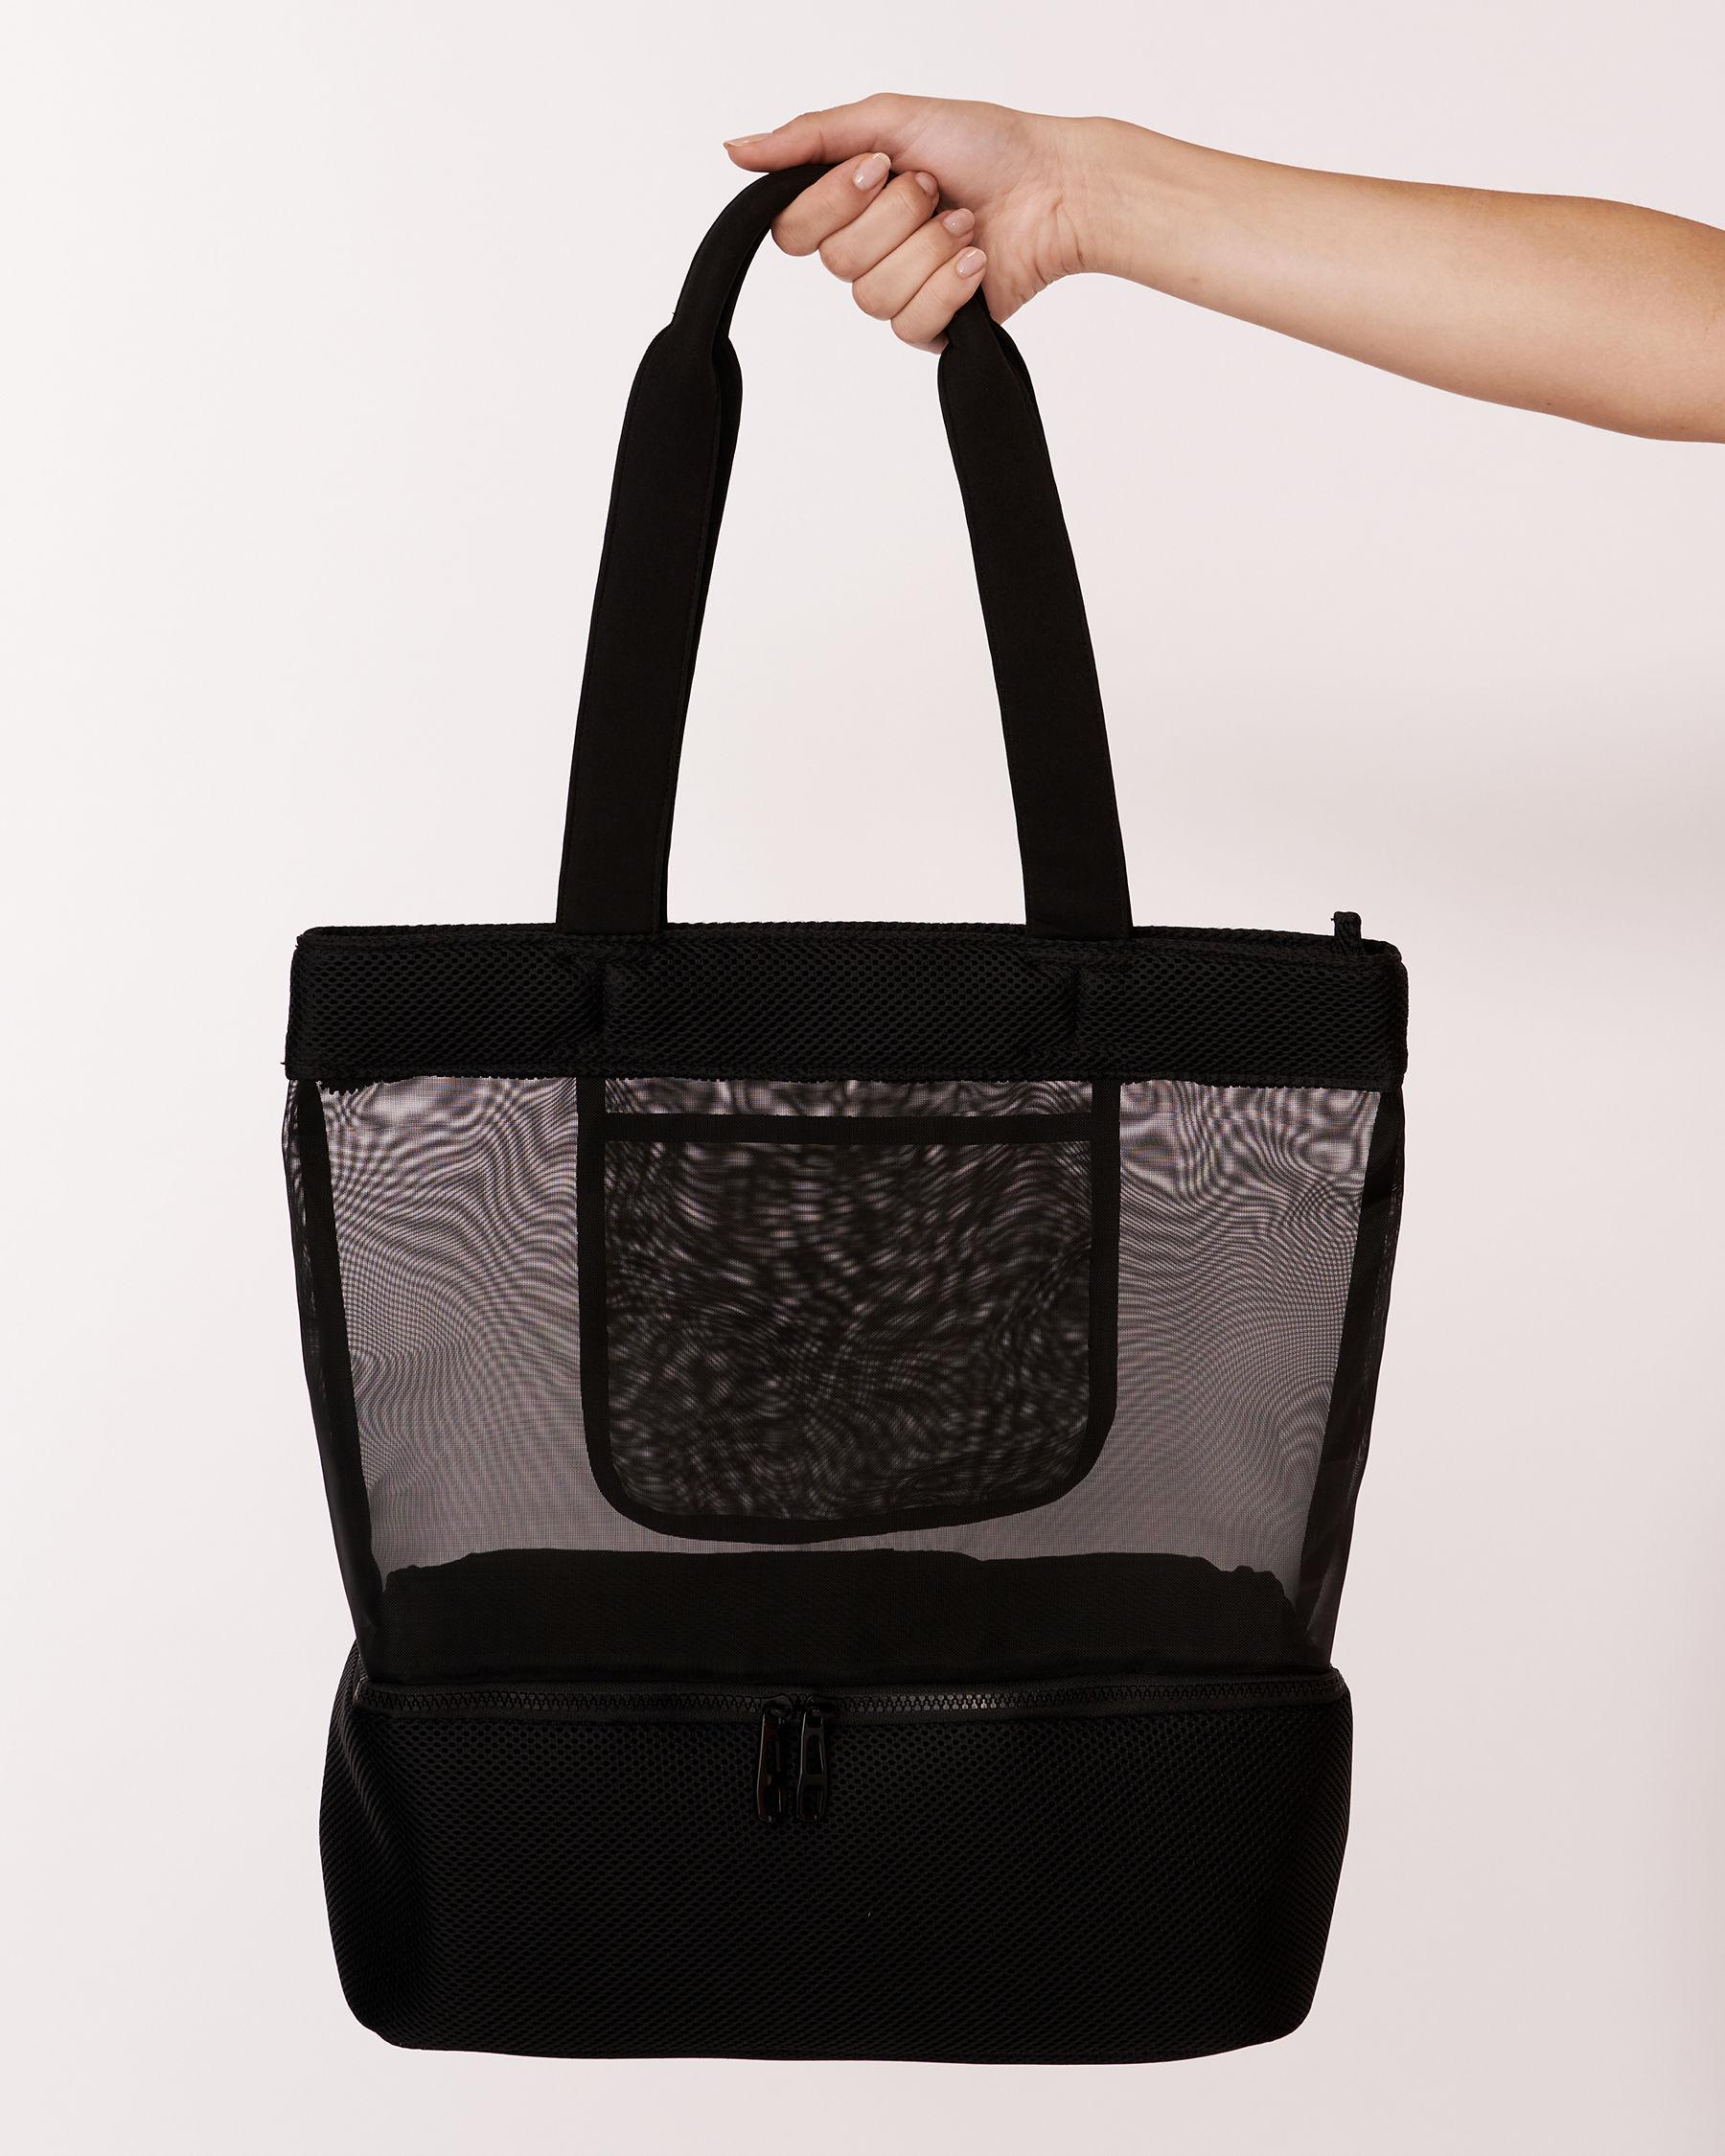 LA VIE EN ROSE AQUA Black Zipper Bag Black 671-661-0-11 - View2